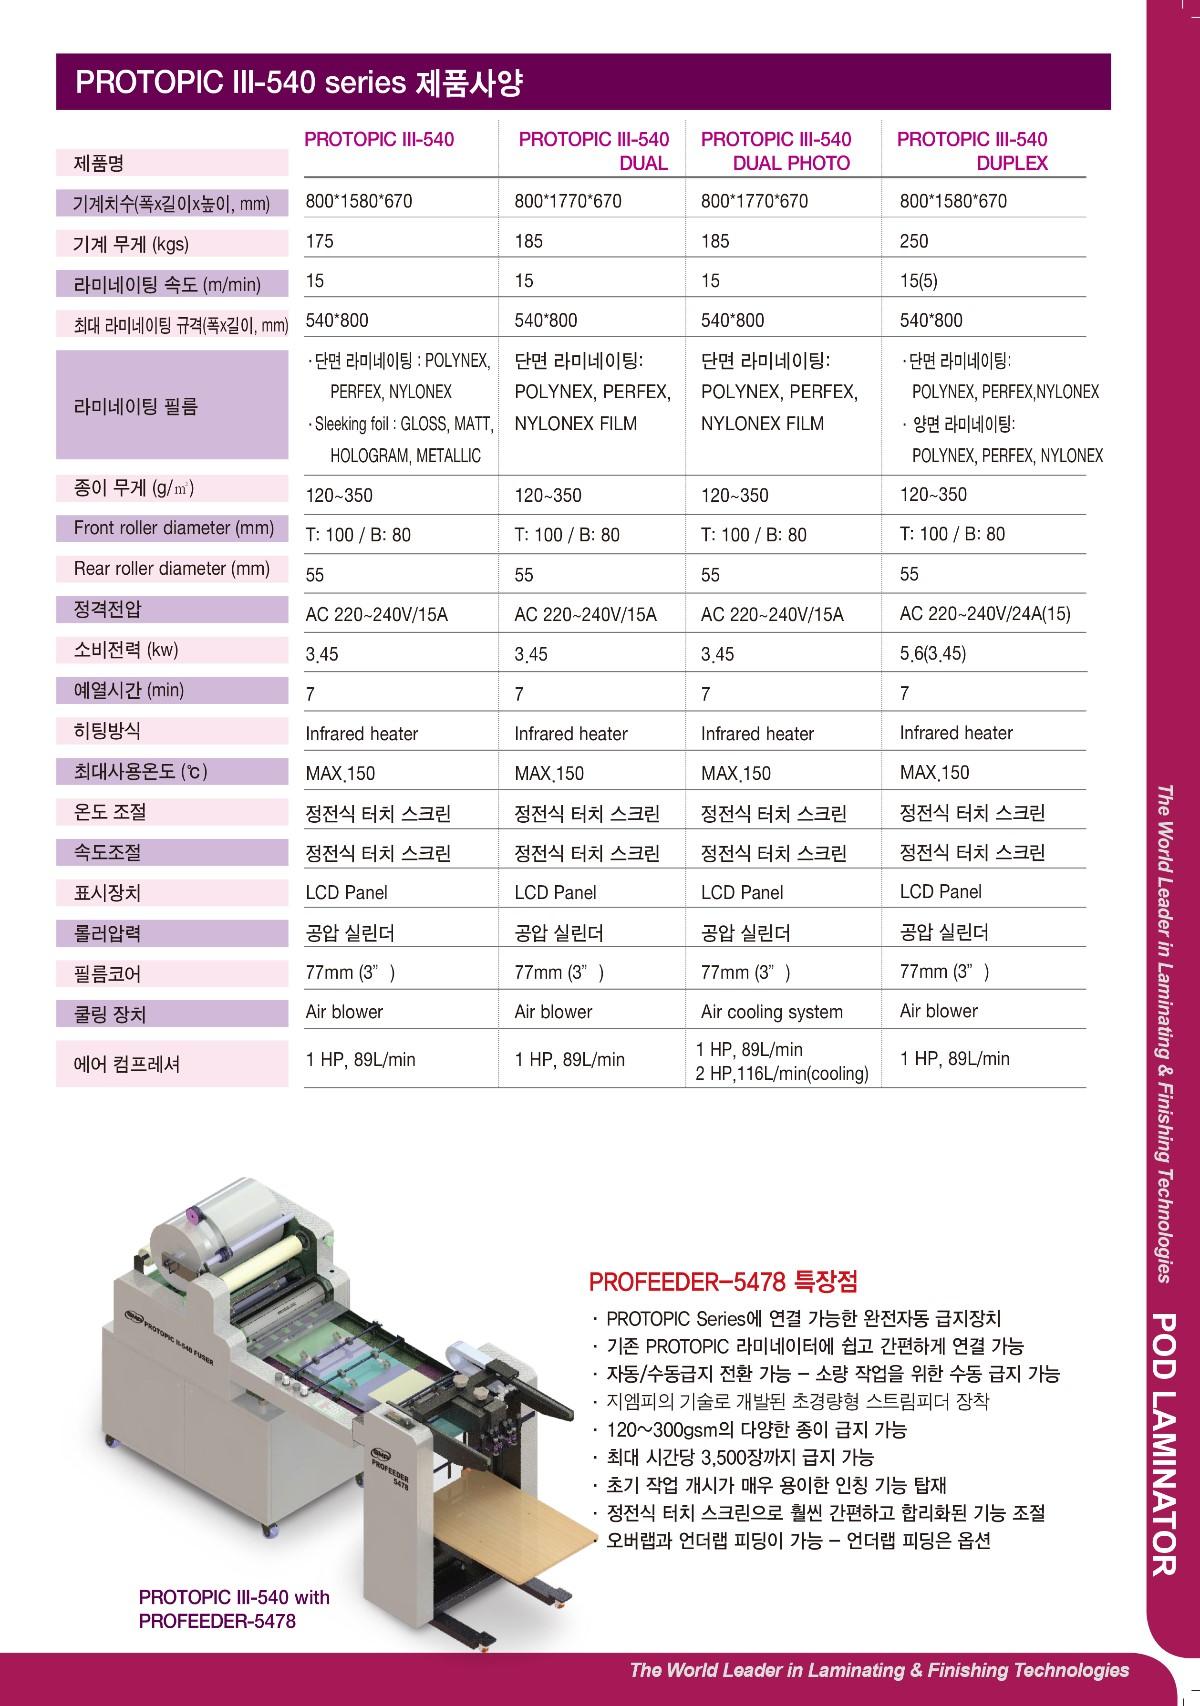 3552812708_5NglLHqf_protopic_series_PROTOPIC_III-540_B1B9B9AE_-5.jpg